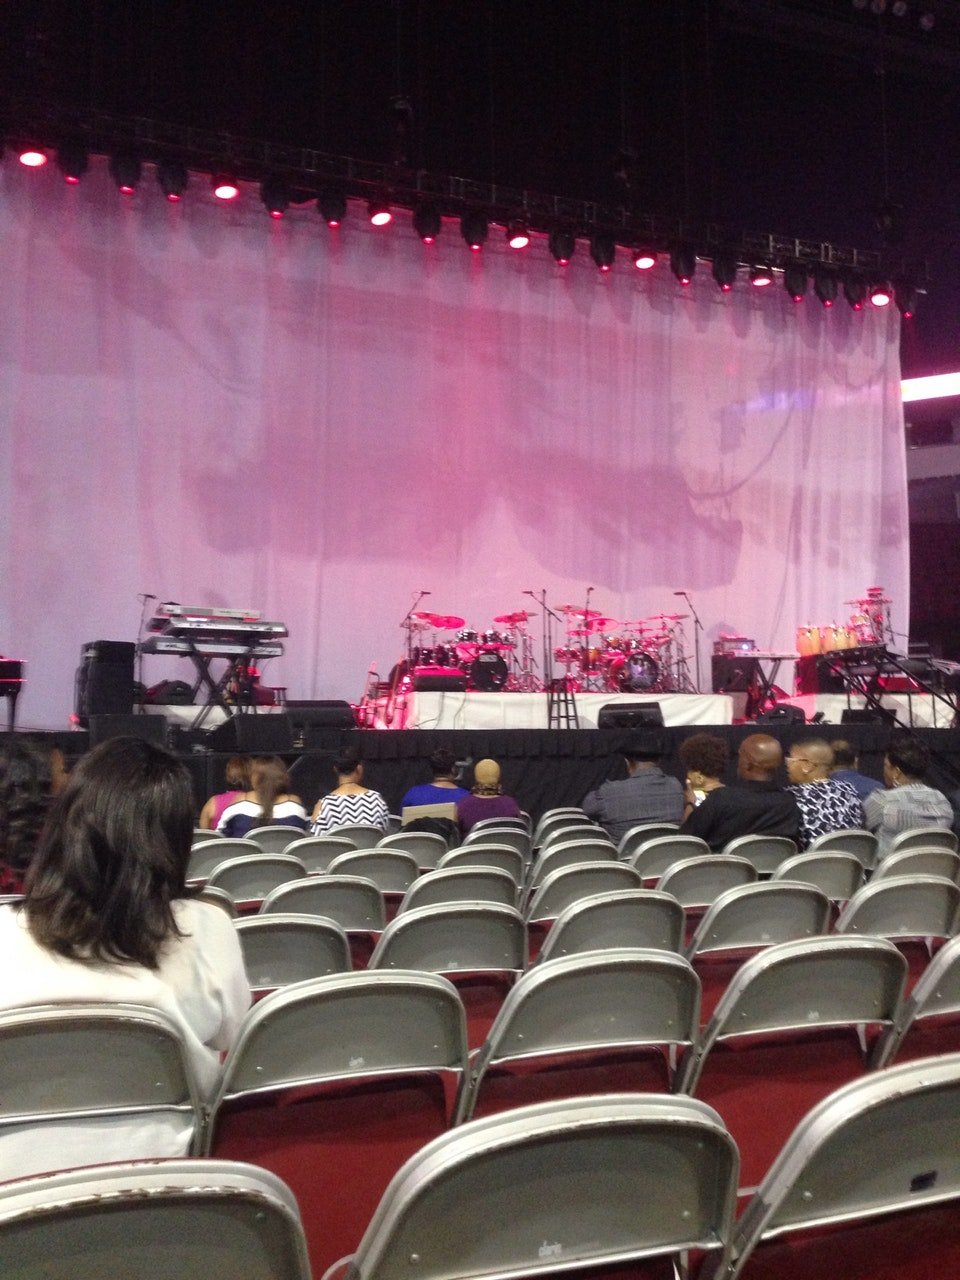 Toyota Center Floor C Concert Seating Rateyourseats Com